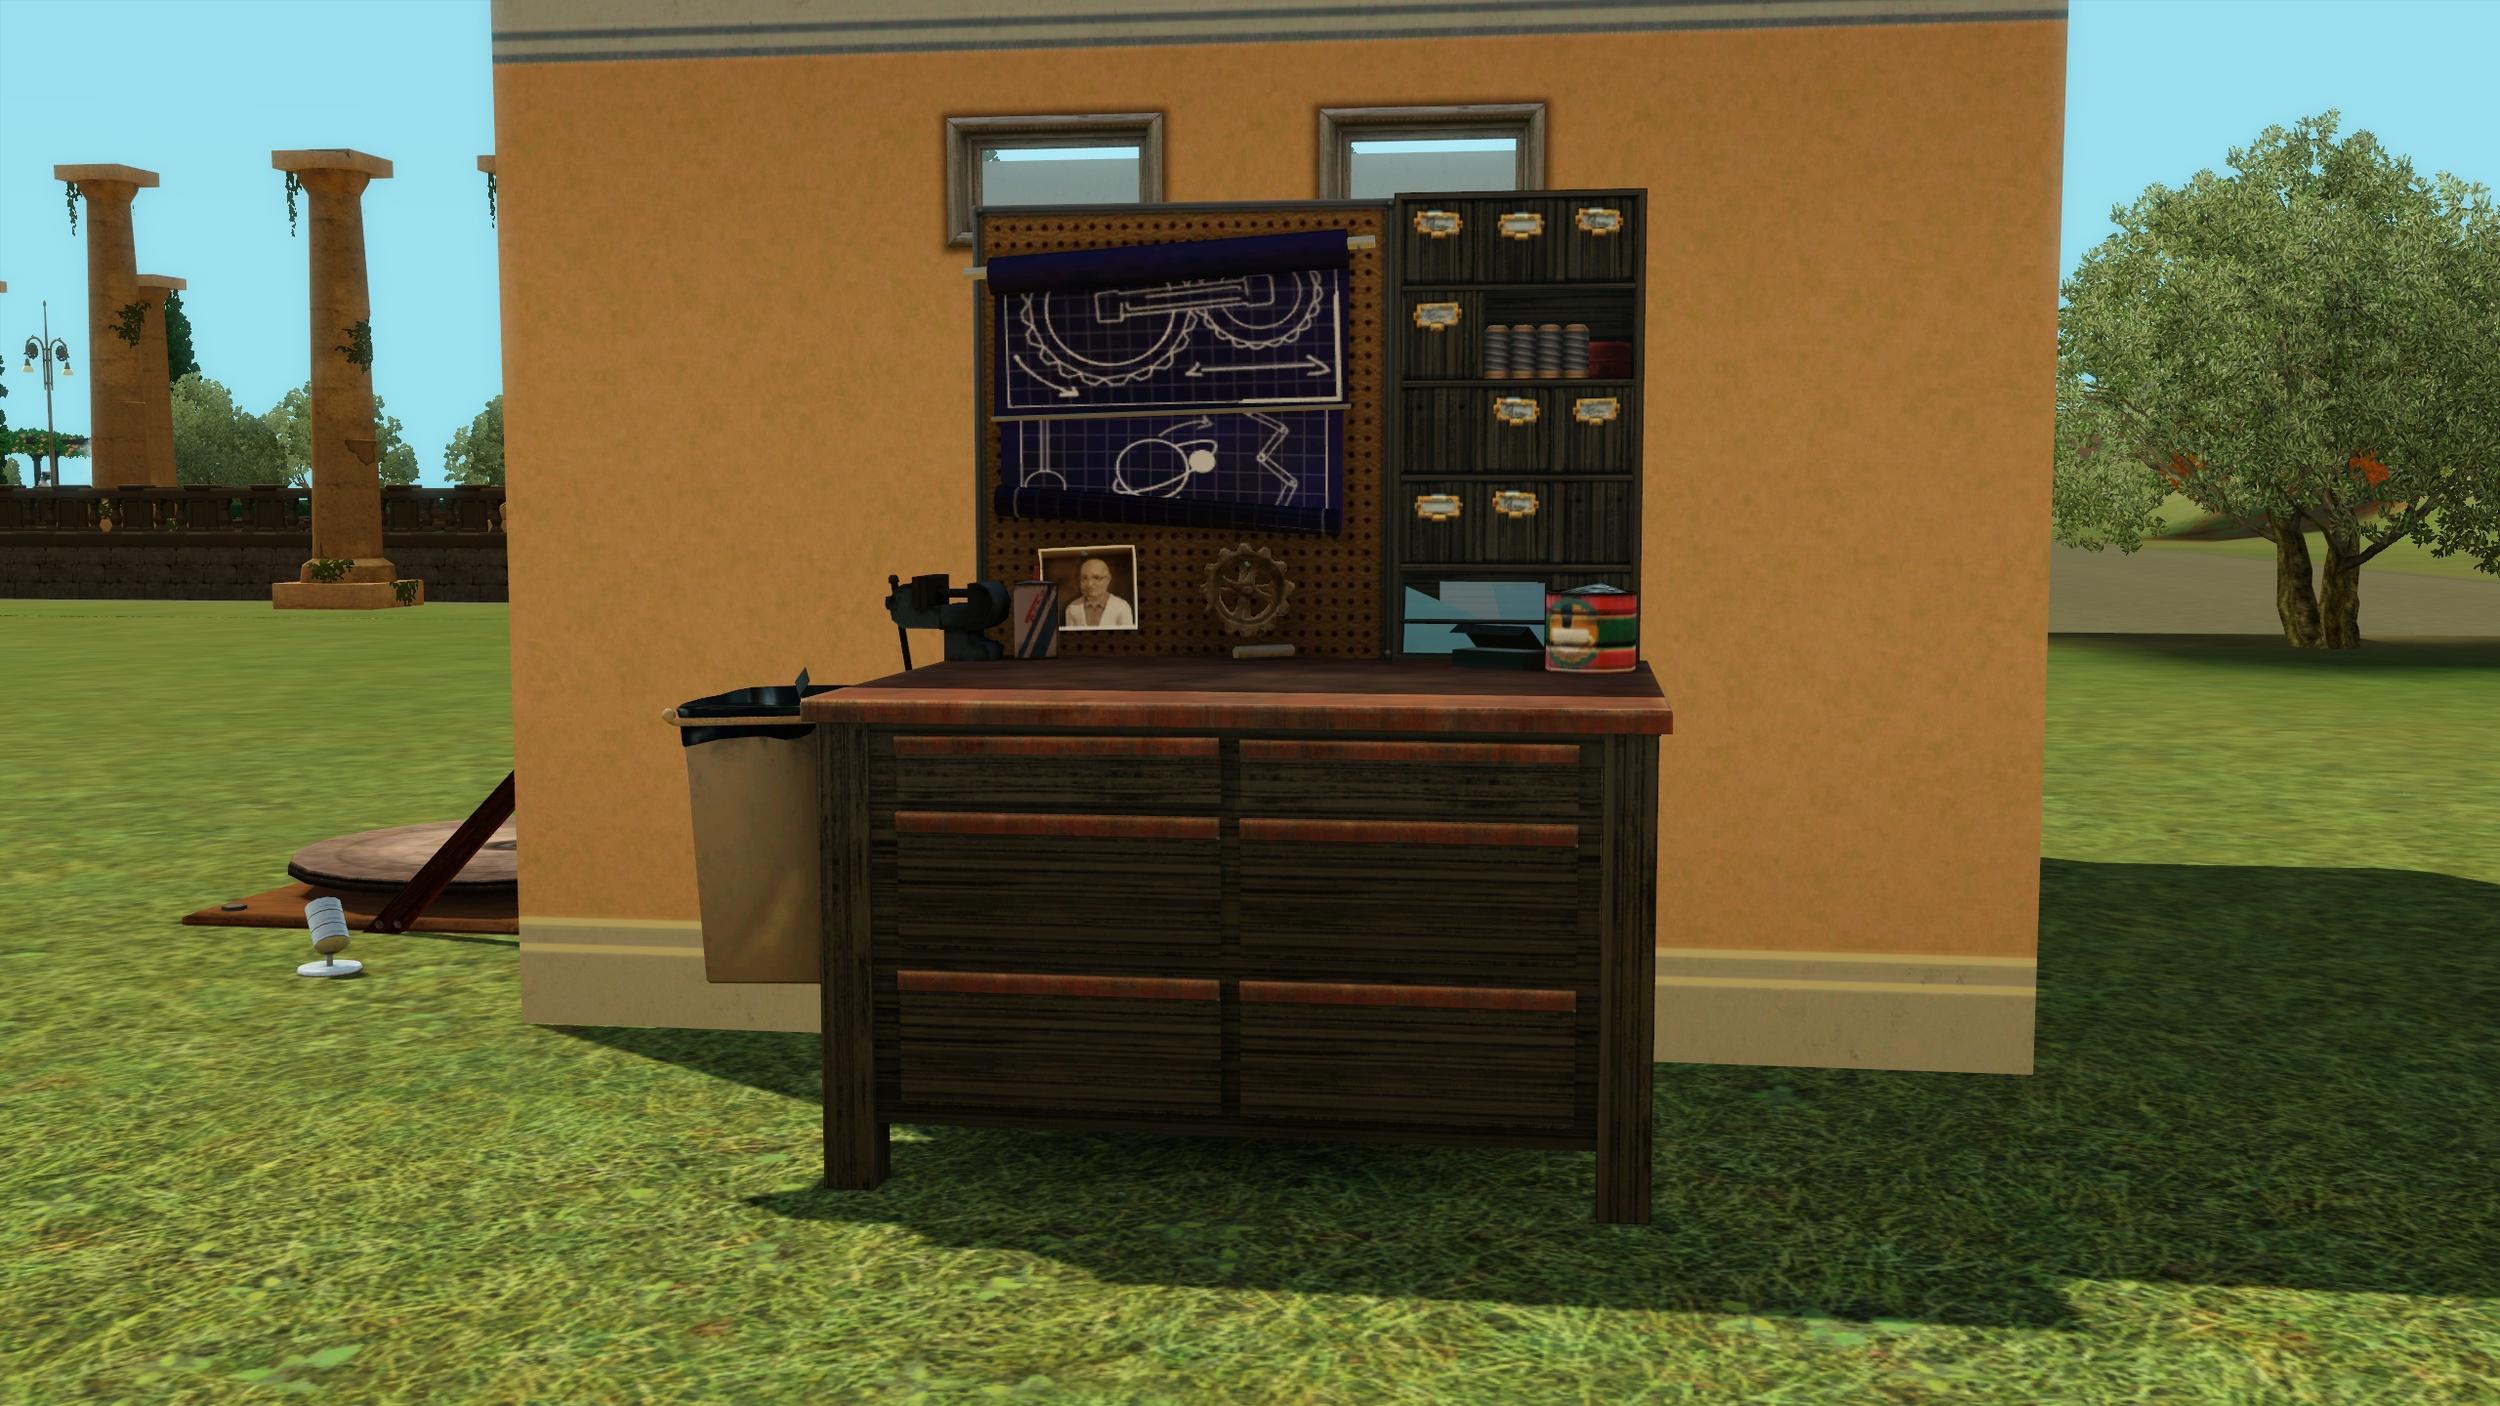 Screenshot-73.jpg